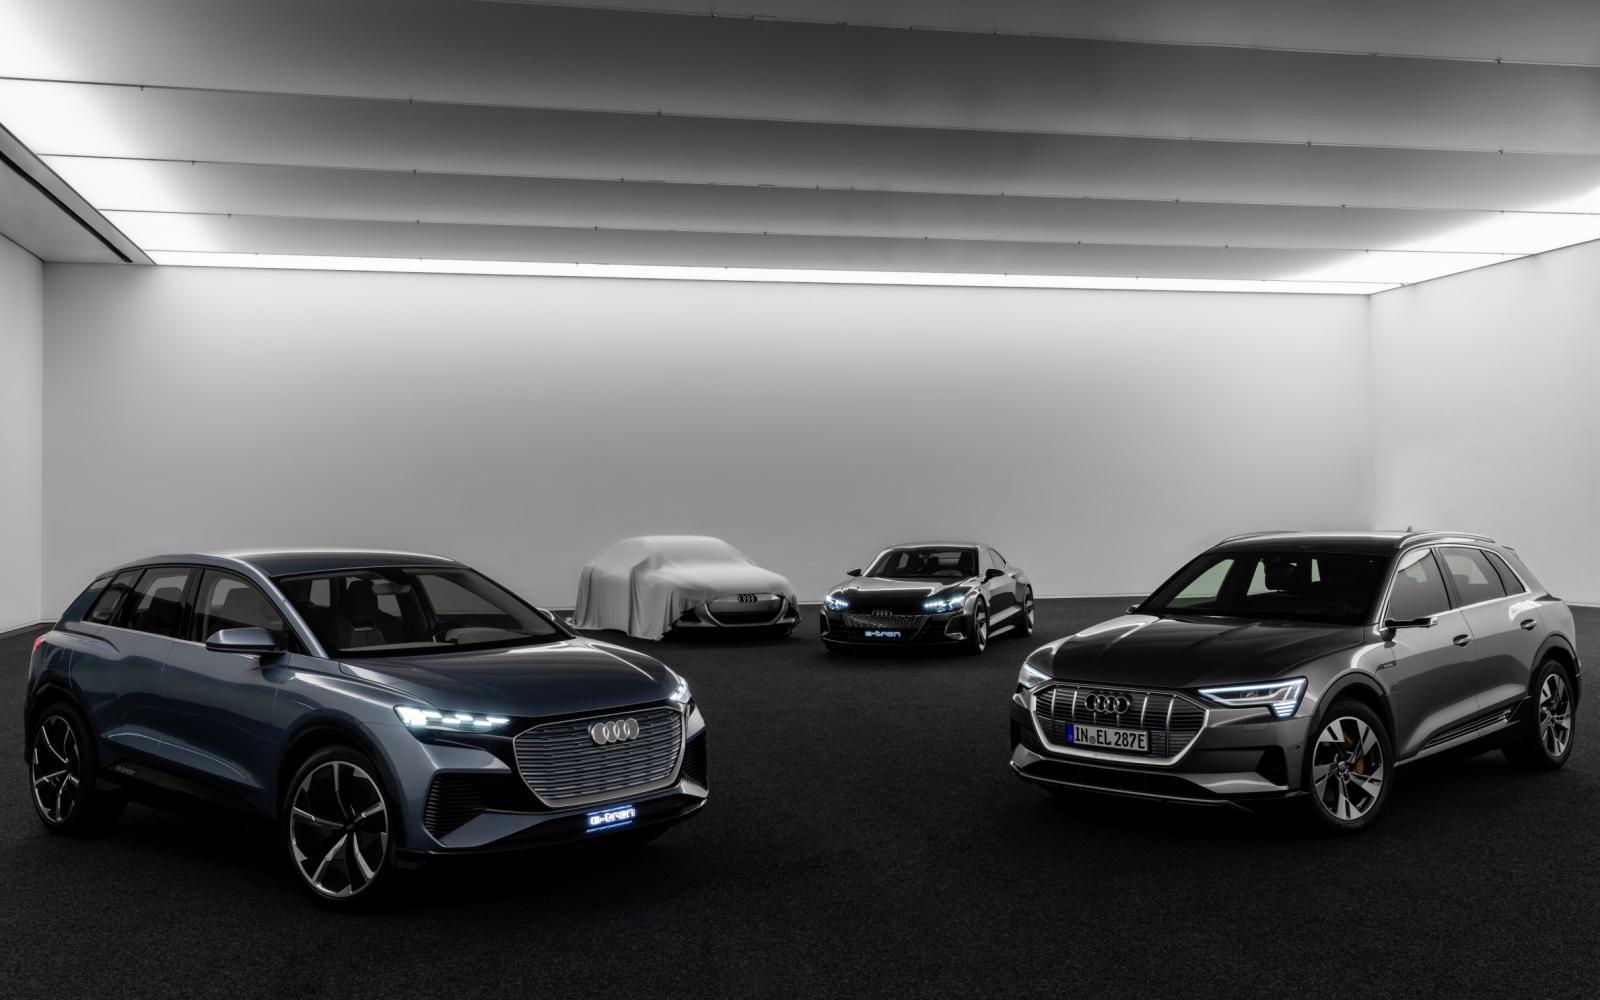 Audi schrapt 9500 banen om elektro-offensief te kunnen bekostigen